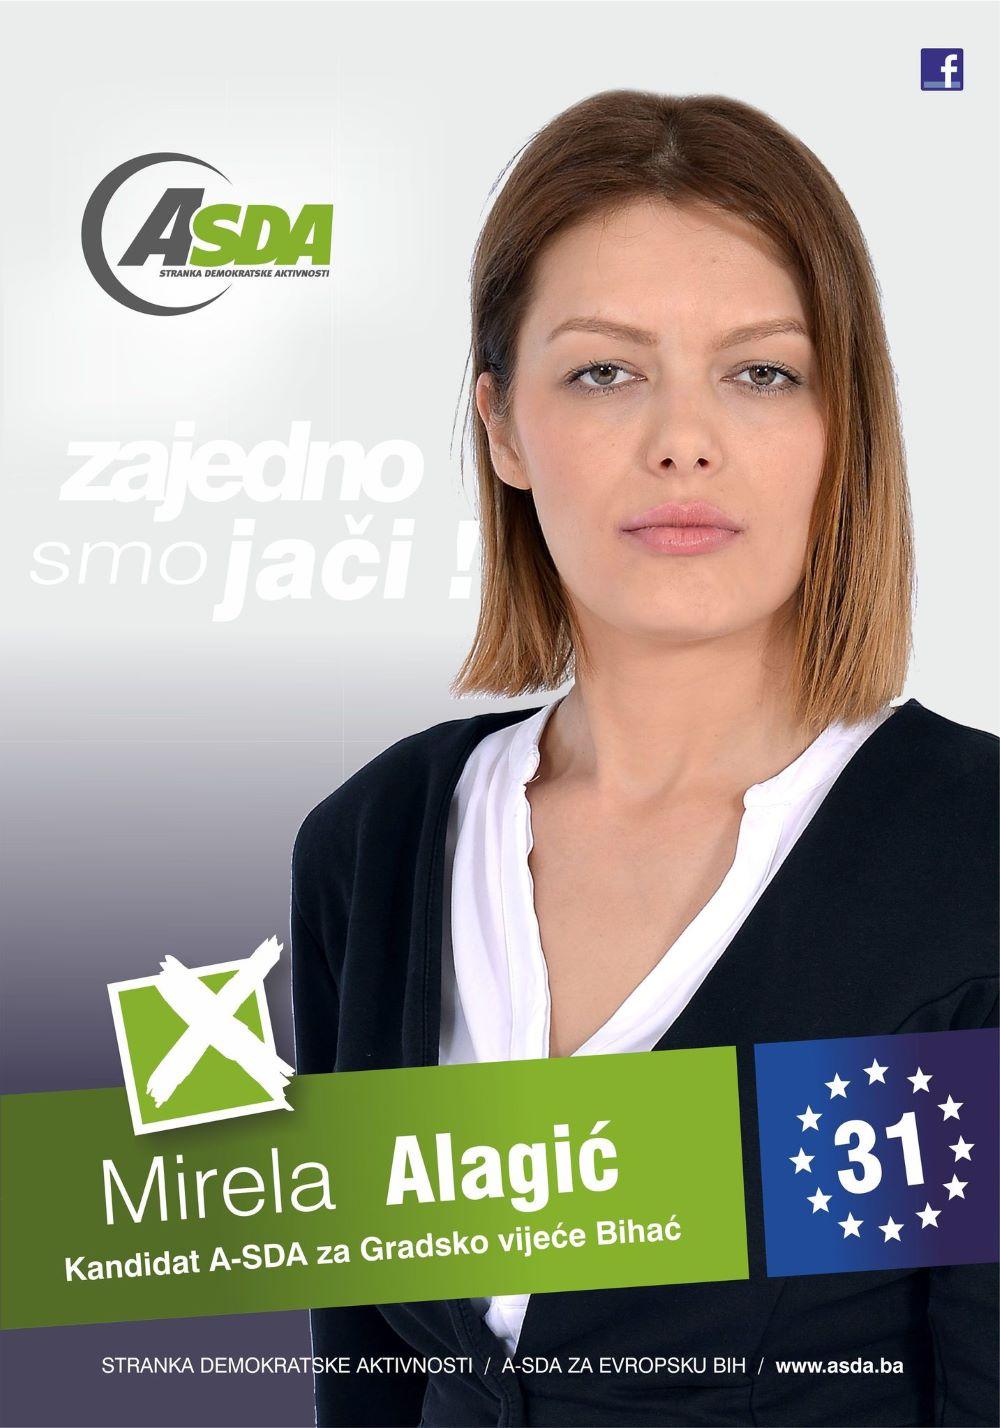 Mirela Alagić